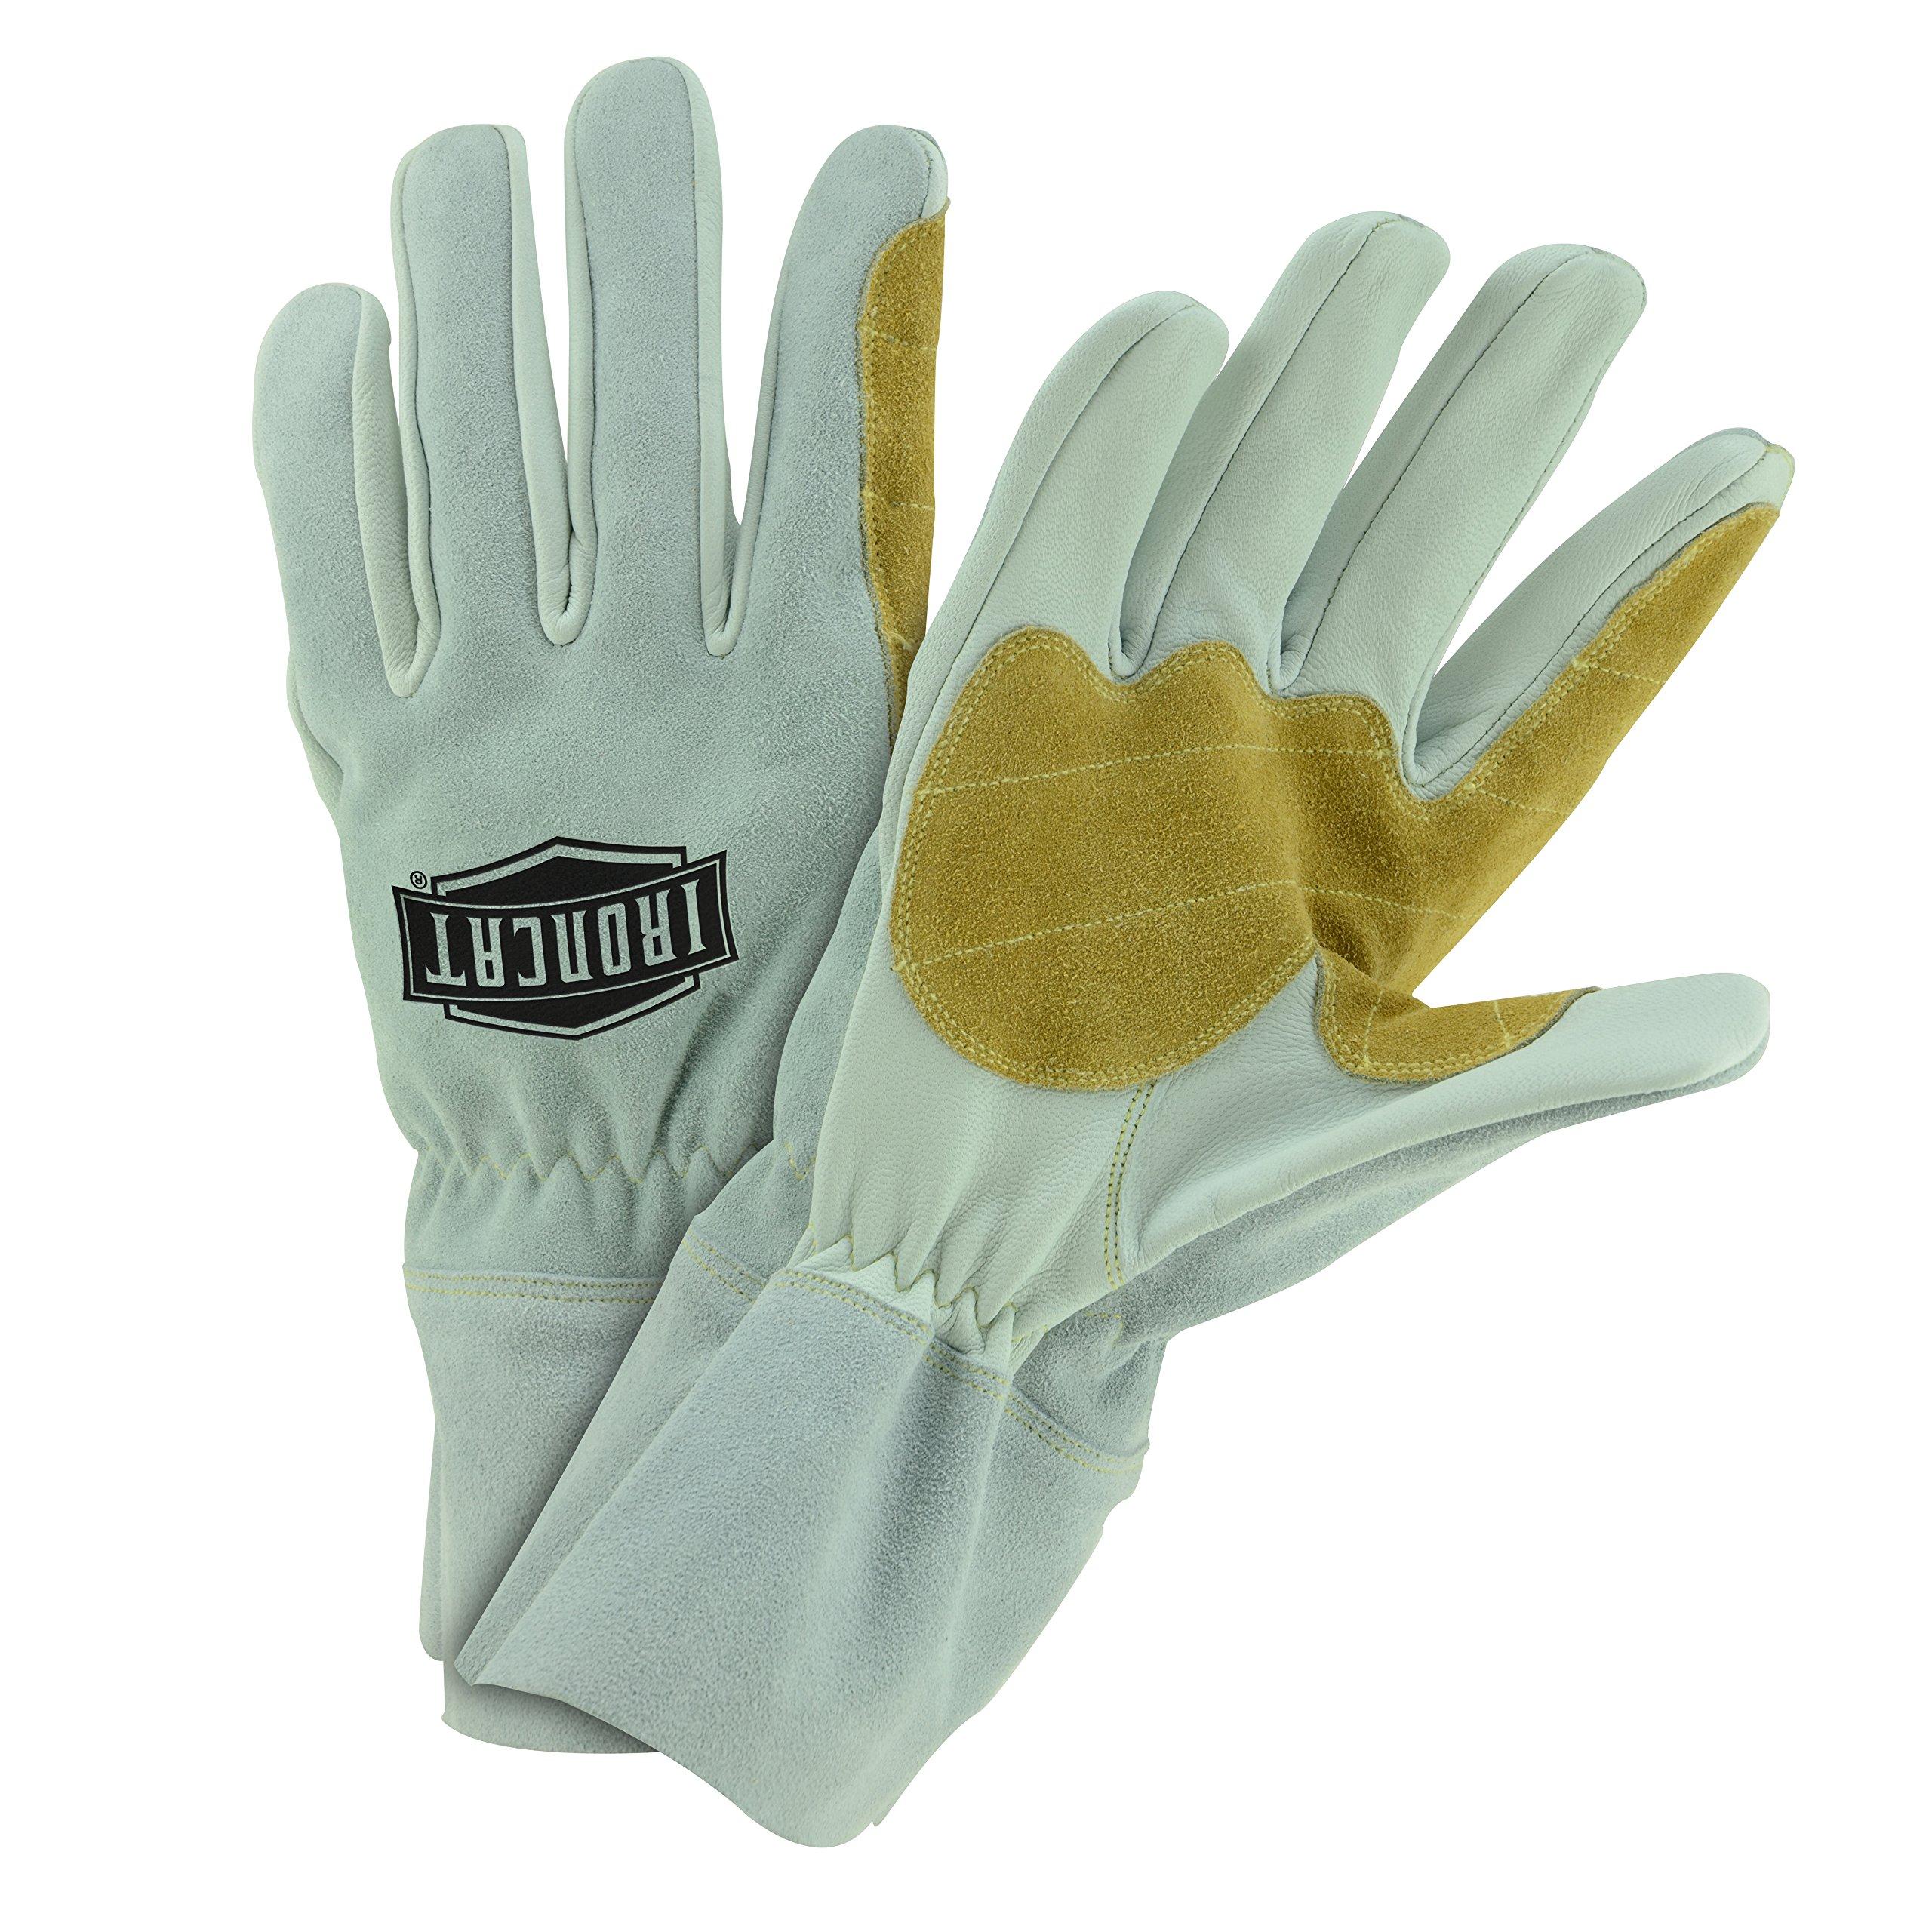 Ironcat 9071 2XL Goat MIG Glove, 4'' Short Cuff, 2XL 5.75'' x 13.25'', Beige Tan